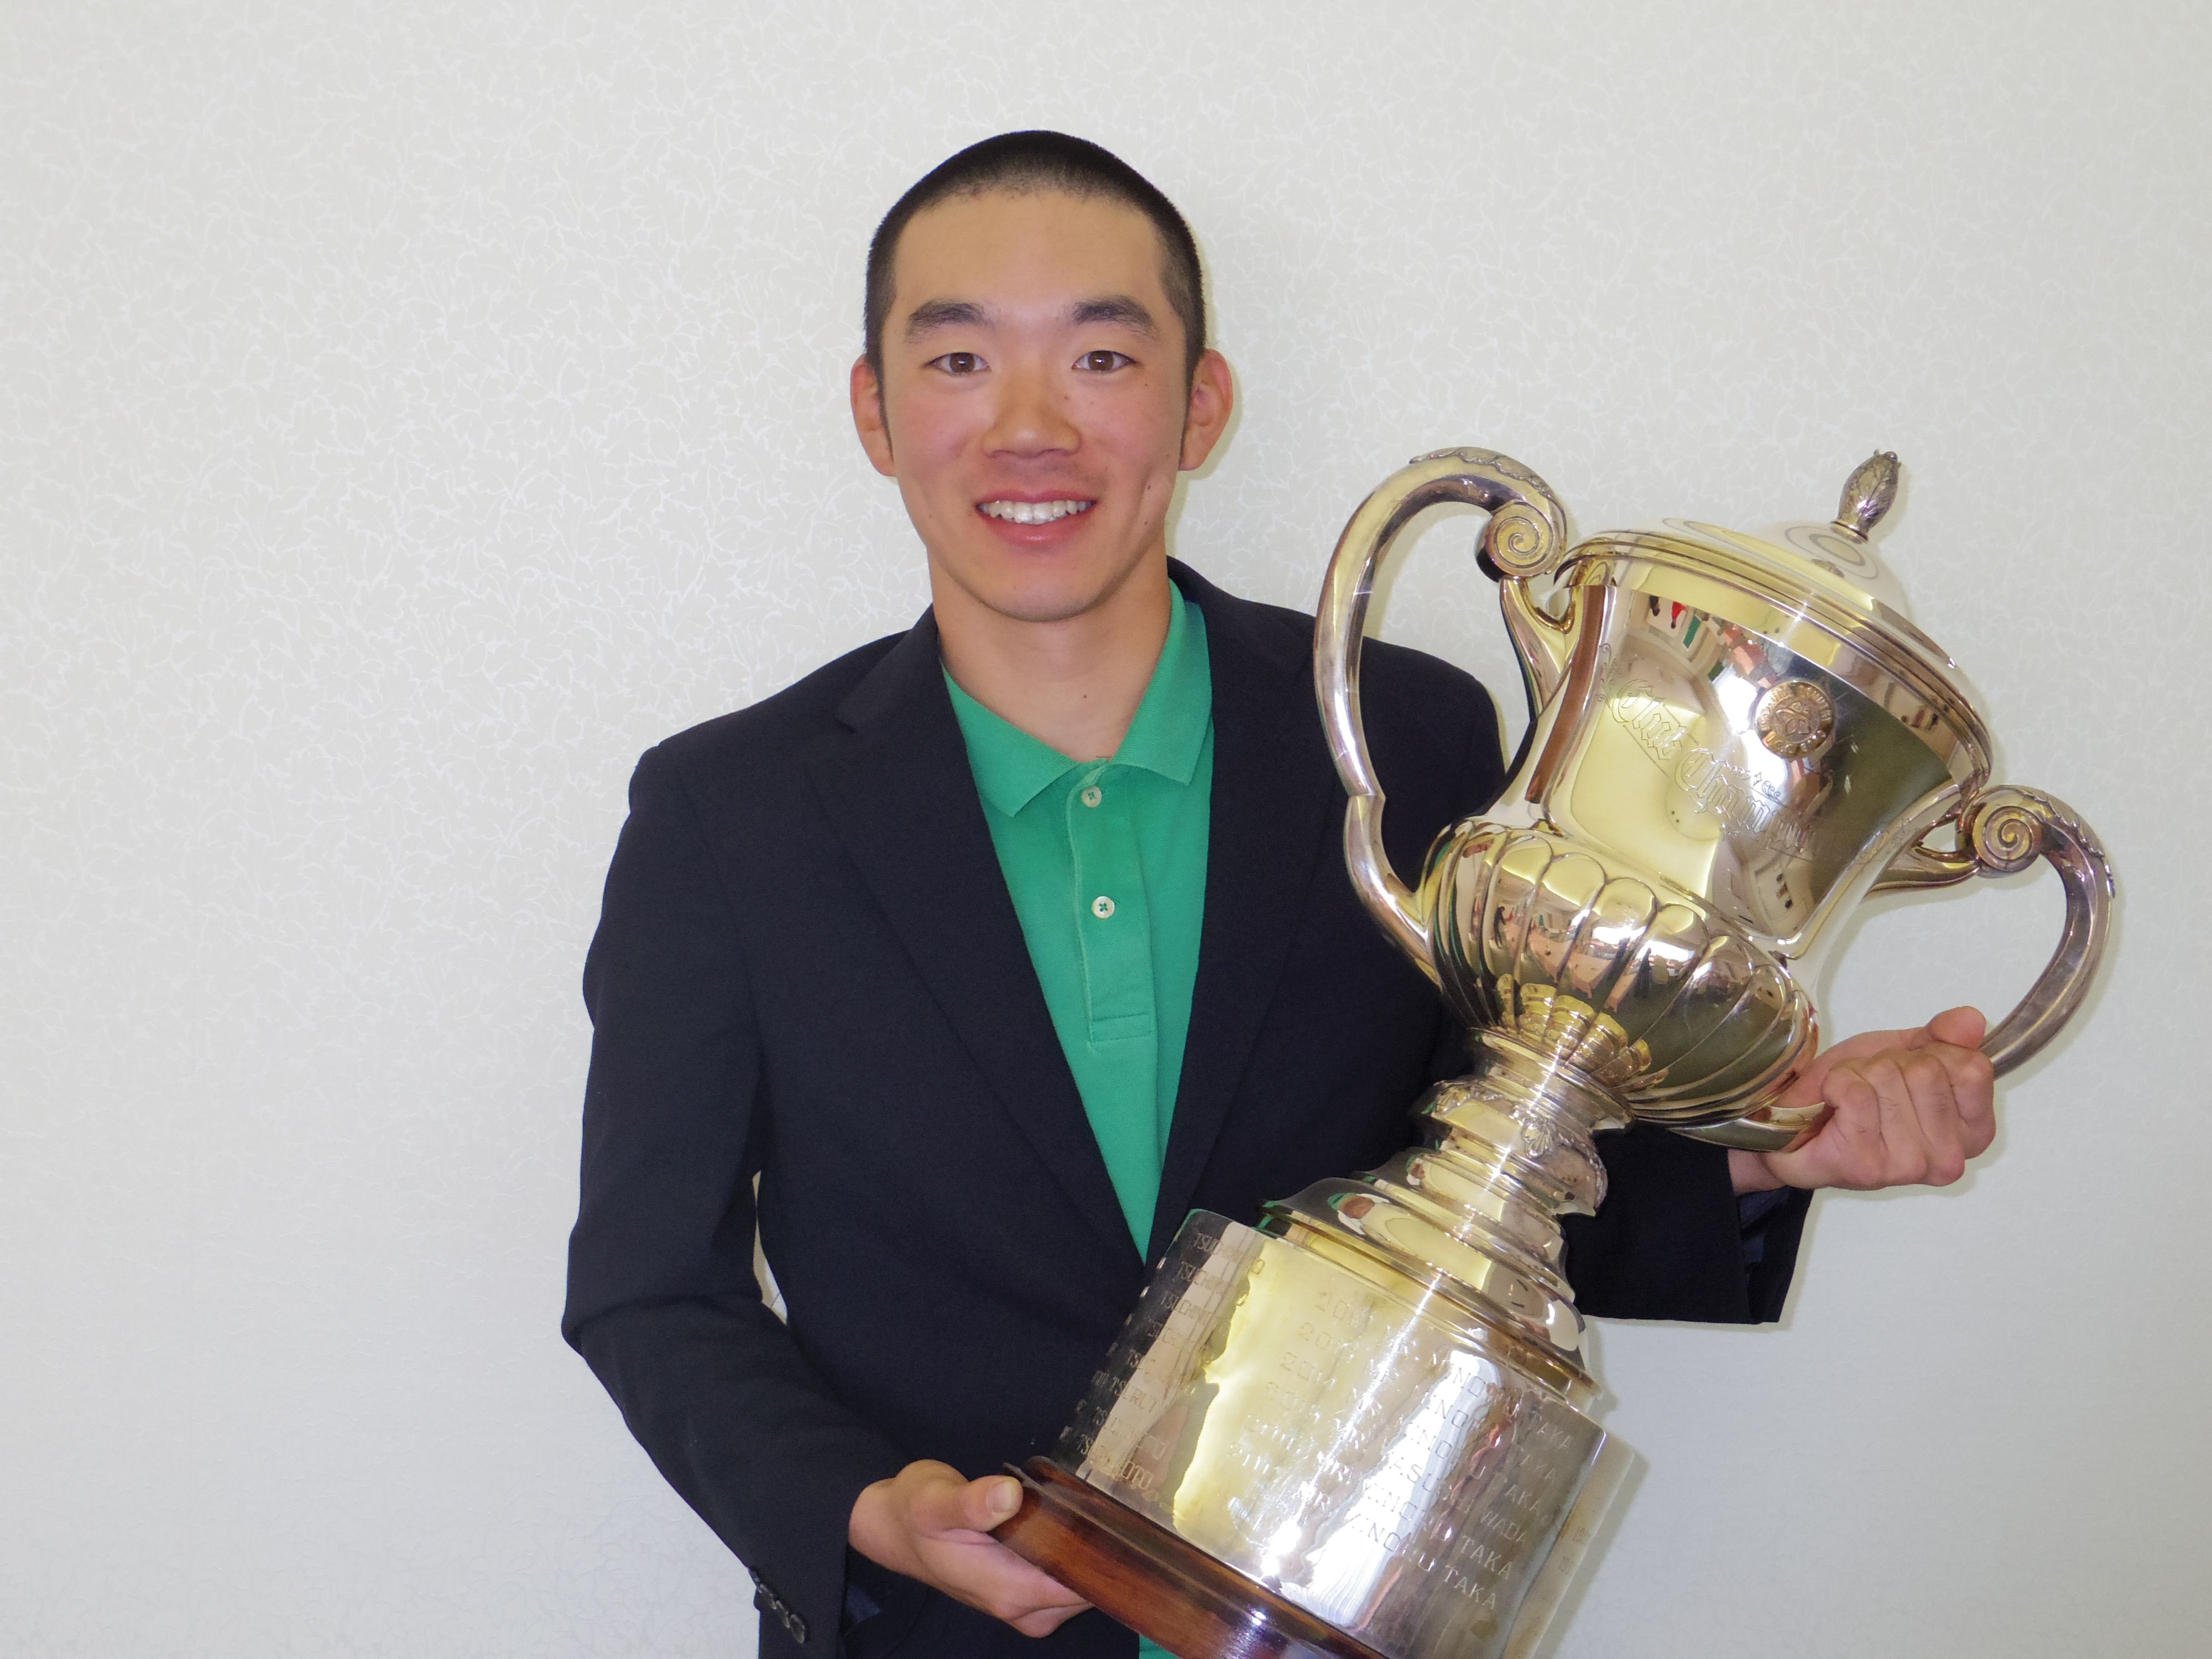 本年度クラブチャンピオン 大澤君 笹部杯で10位タイの活躍!!